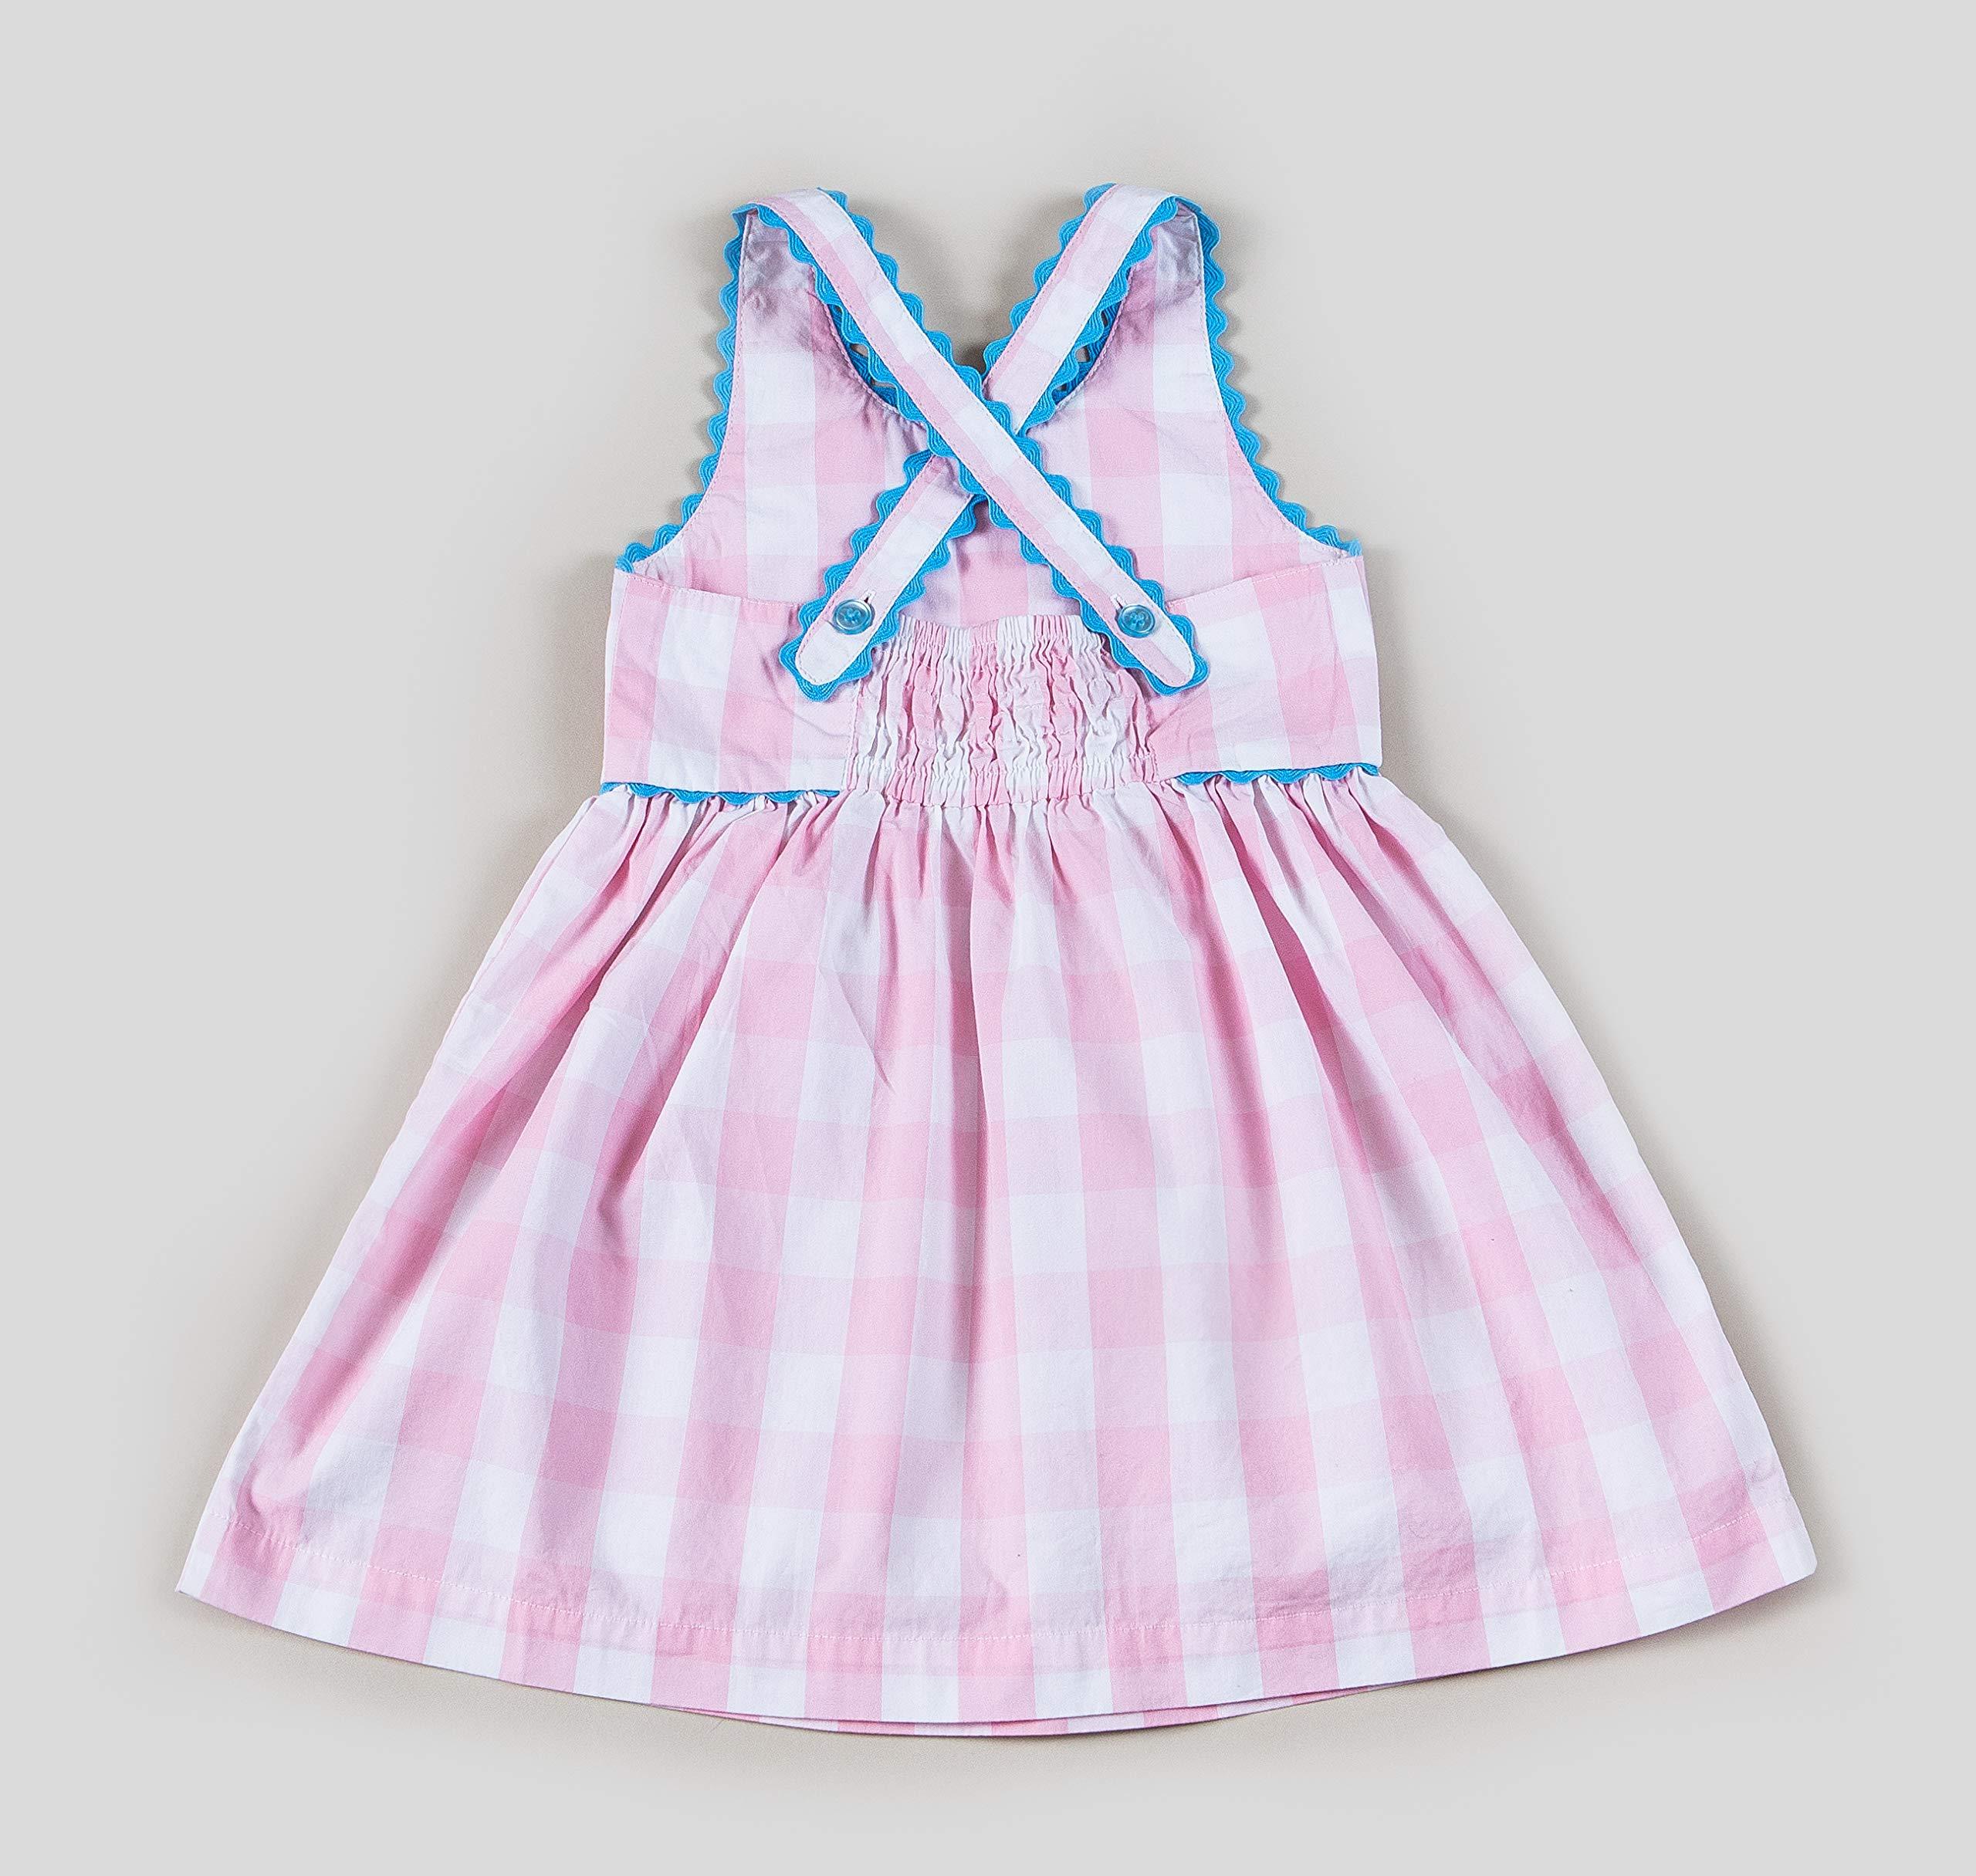 Kinderkind Girls Pink Gingham Off The Shoulder Dress